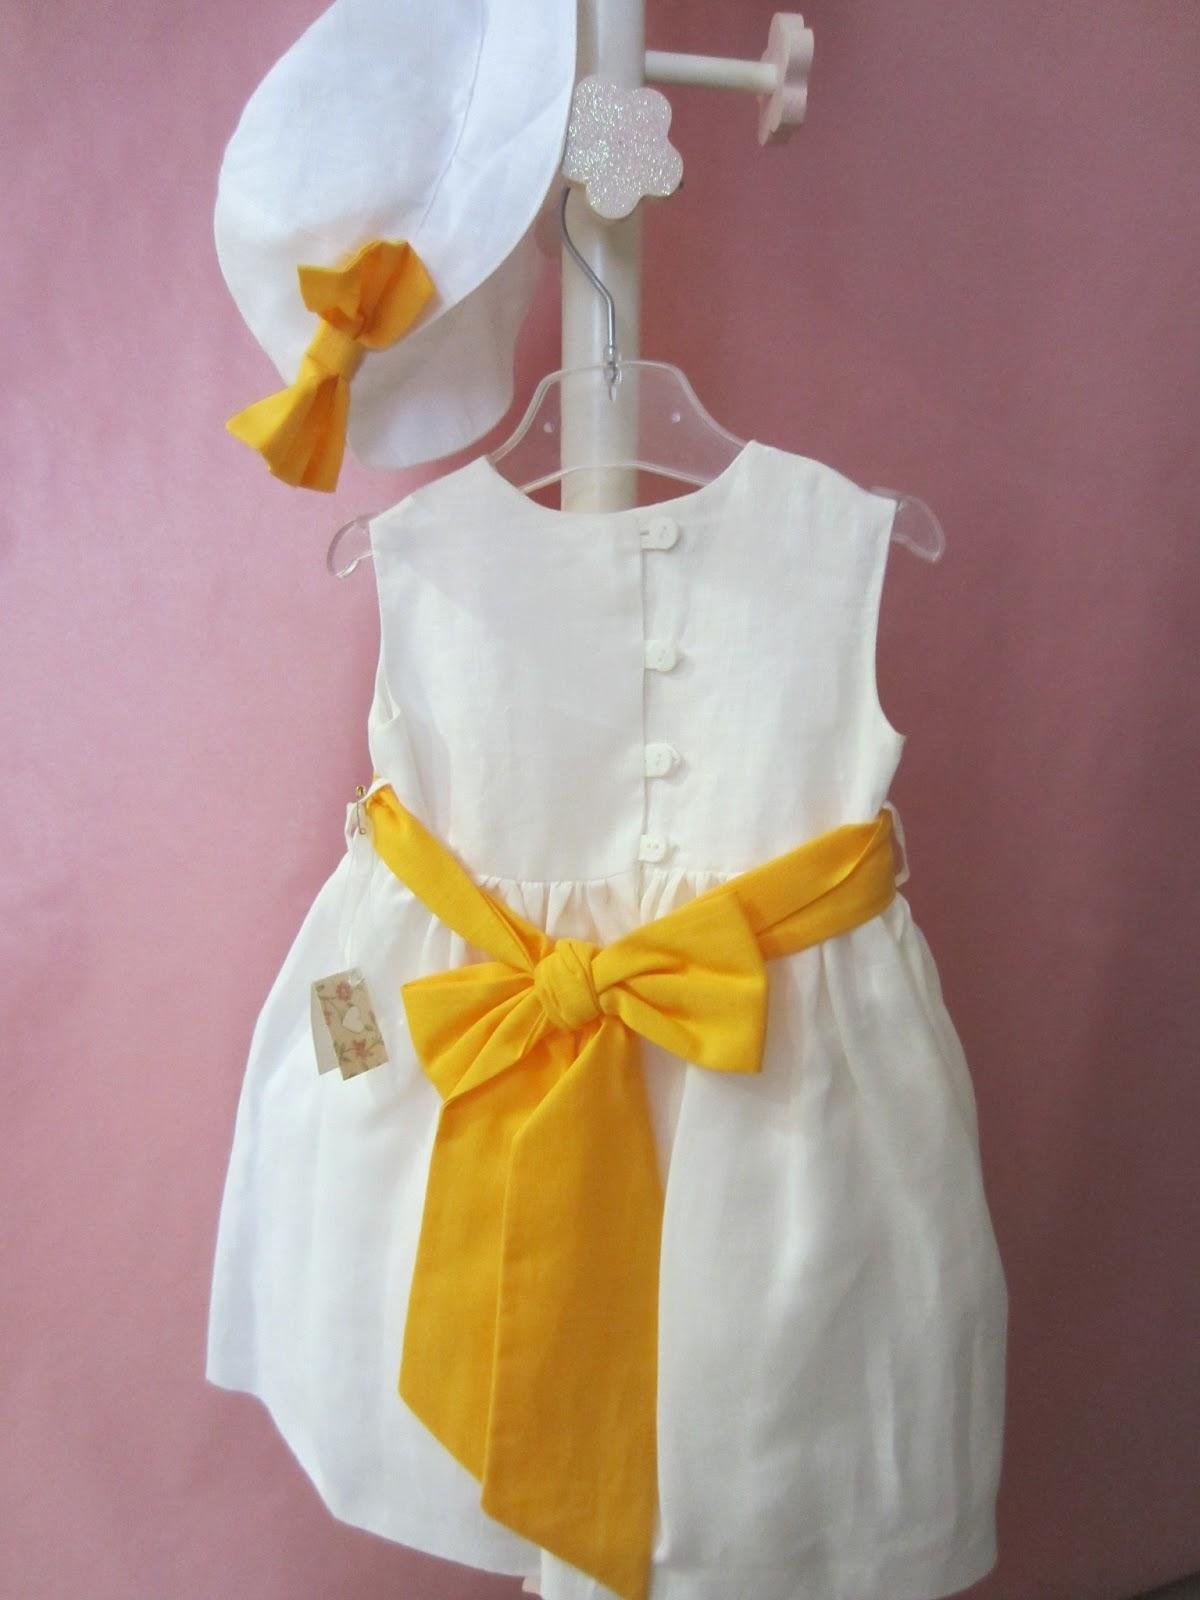 fd732c89213 ΡΟΥΧΑ ΚΟΡΙΤΣΙΣΤΙΚΑ. Λευκό φόρεμα